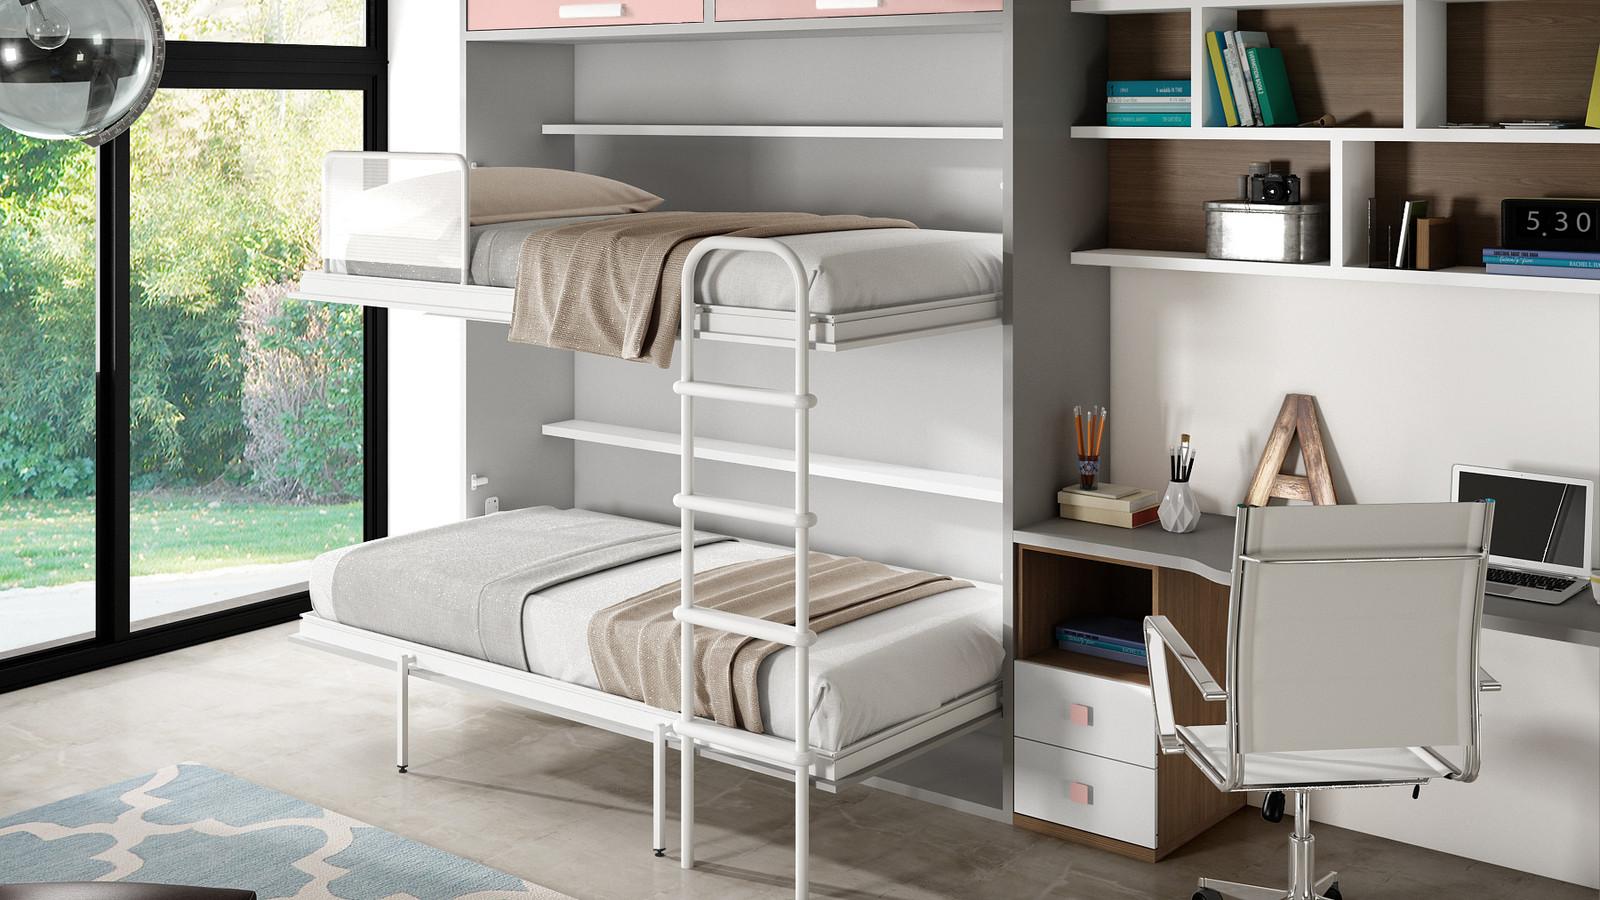 lits gain de place pour enfant et meubles sur mesure lits superpos s escamotables ih099. Black Bedroom Furniture Sets. Home Design Ideas